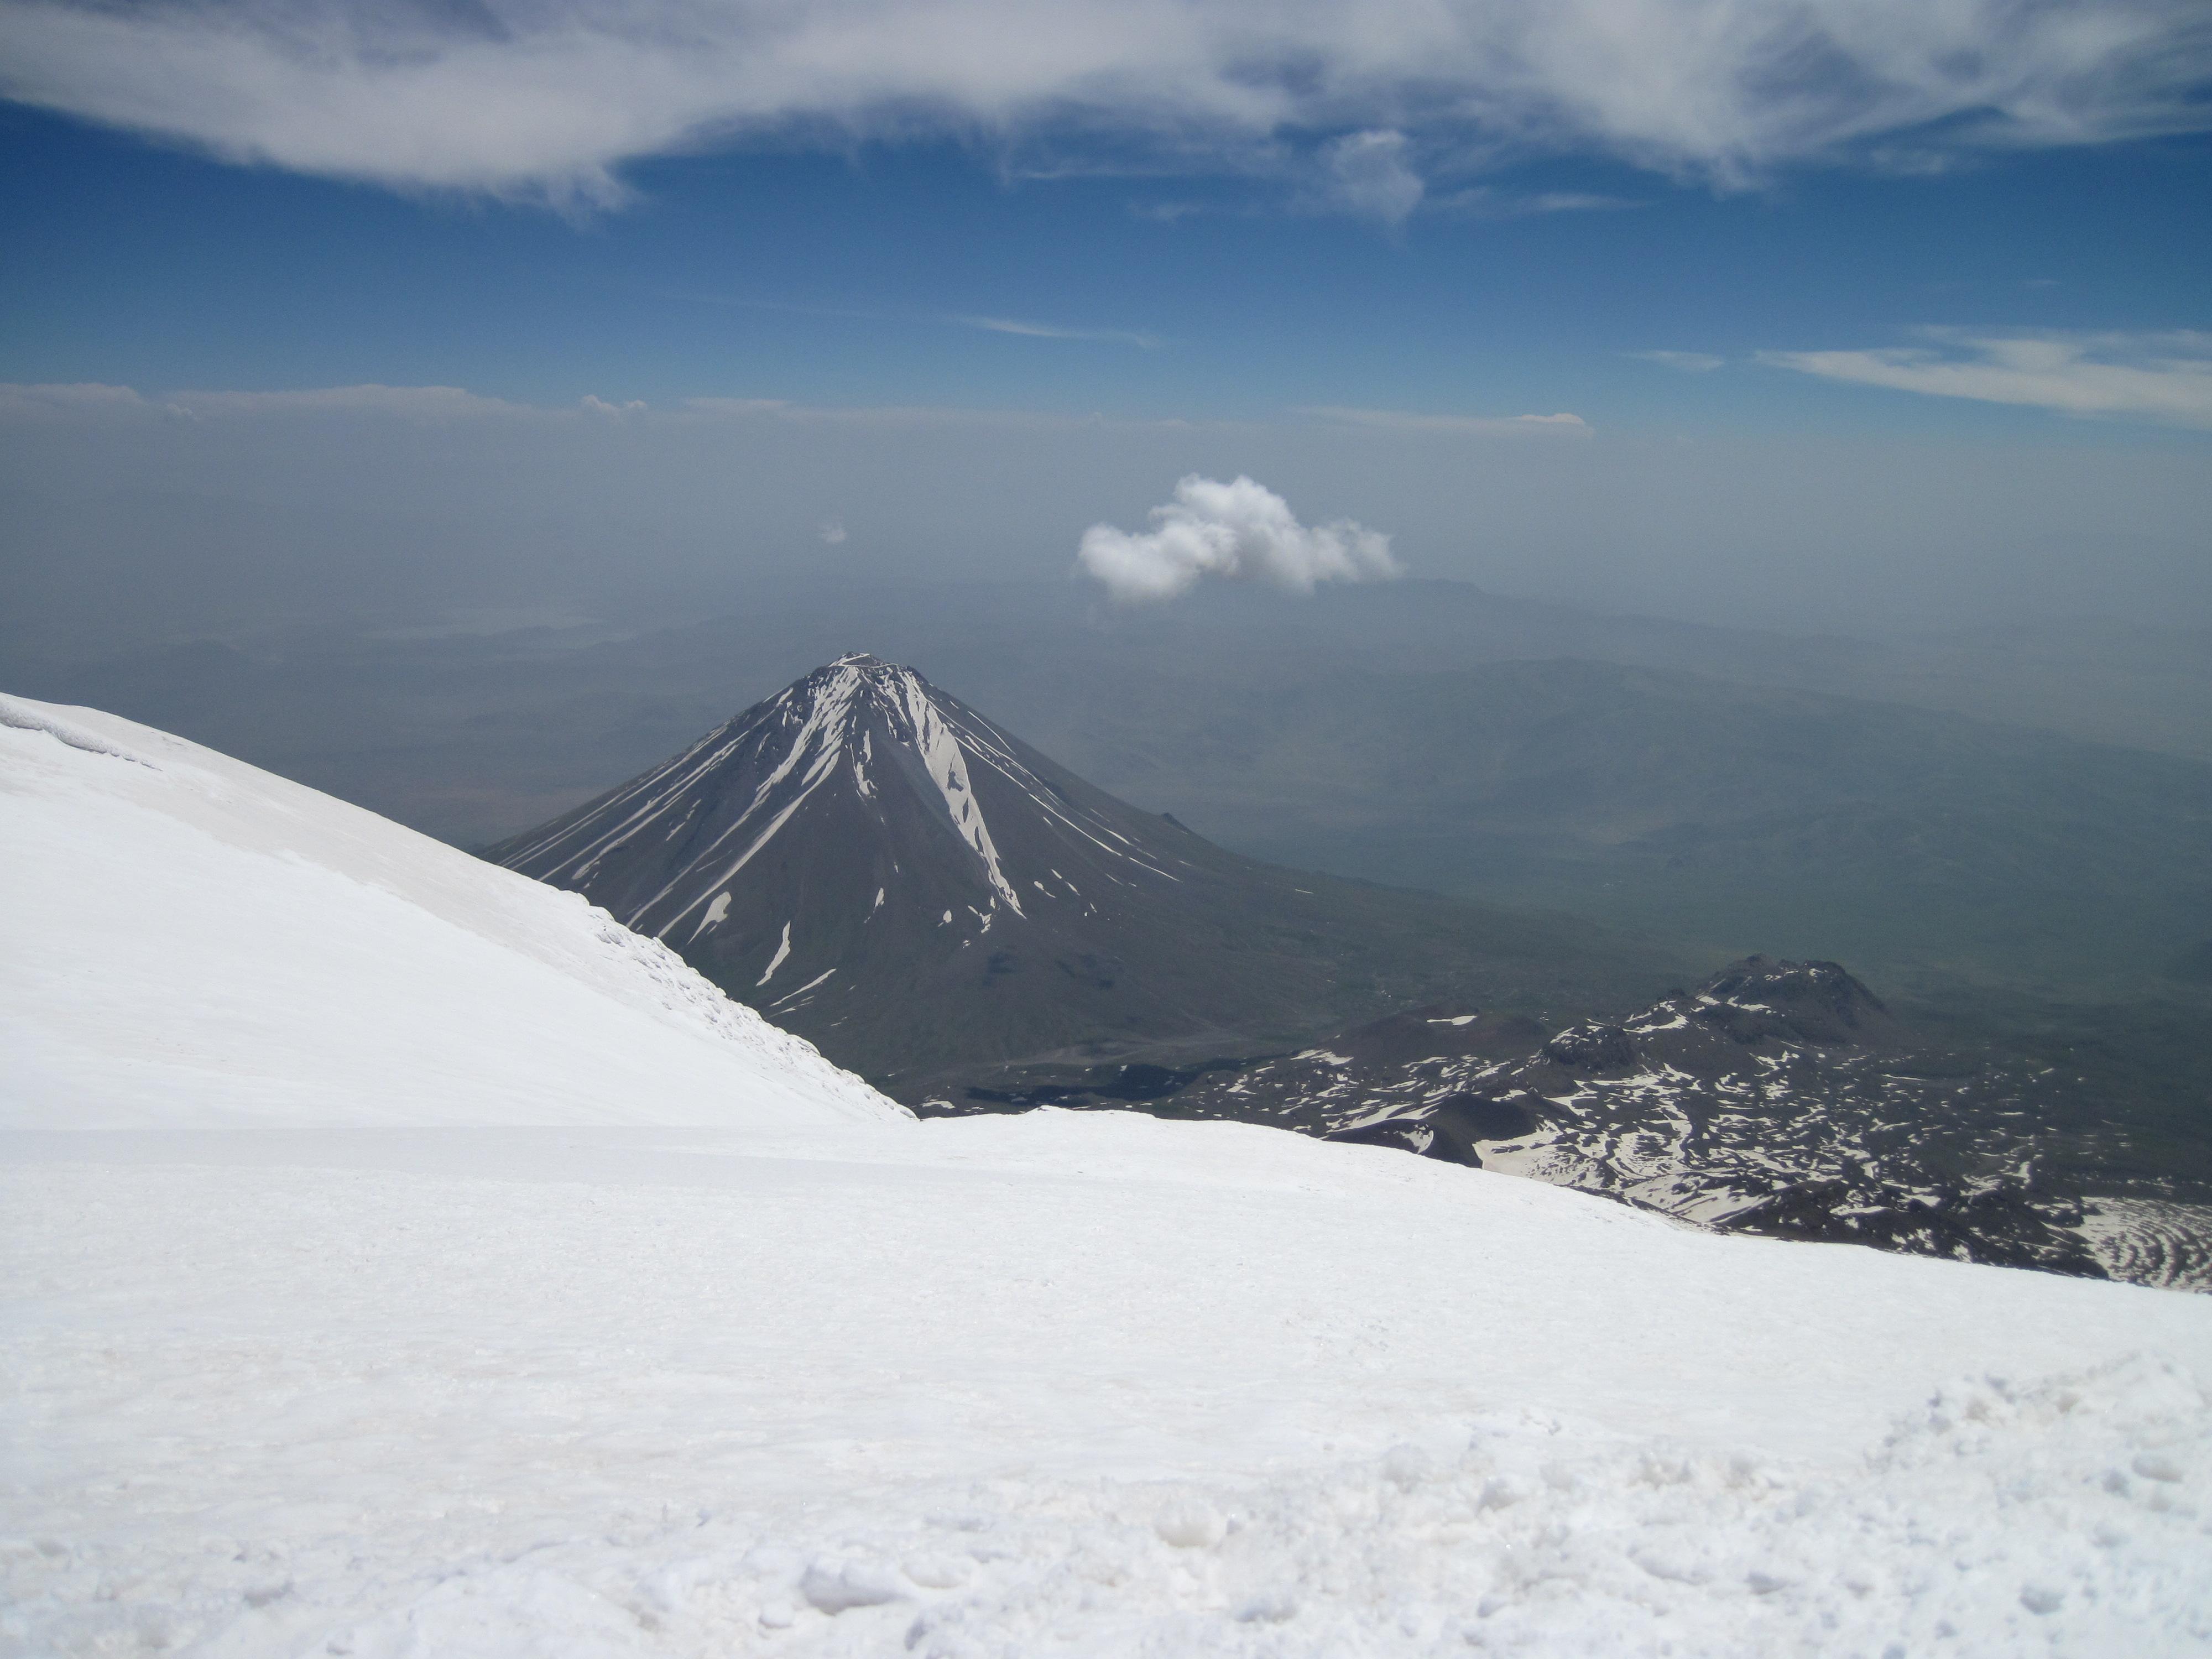 Turkey   Agri Dagi or Mount Ararat, Ağrı Dağı or Mount Ararat